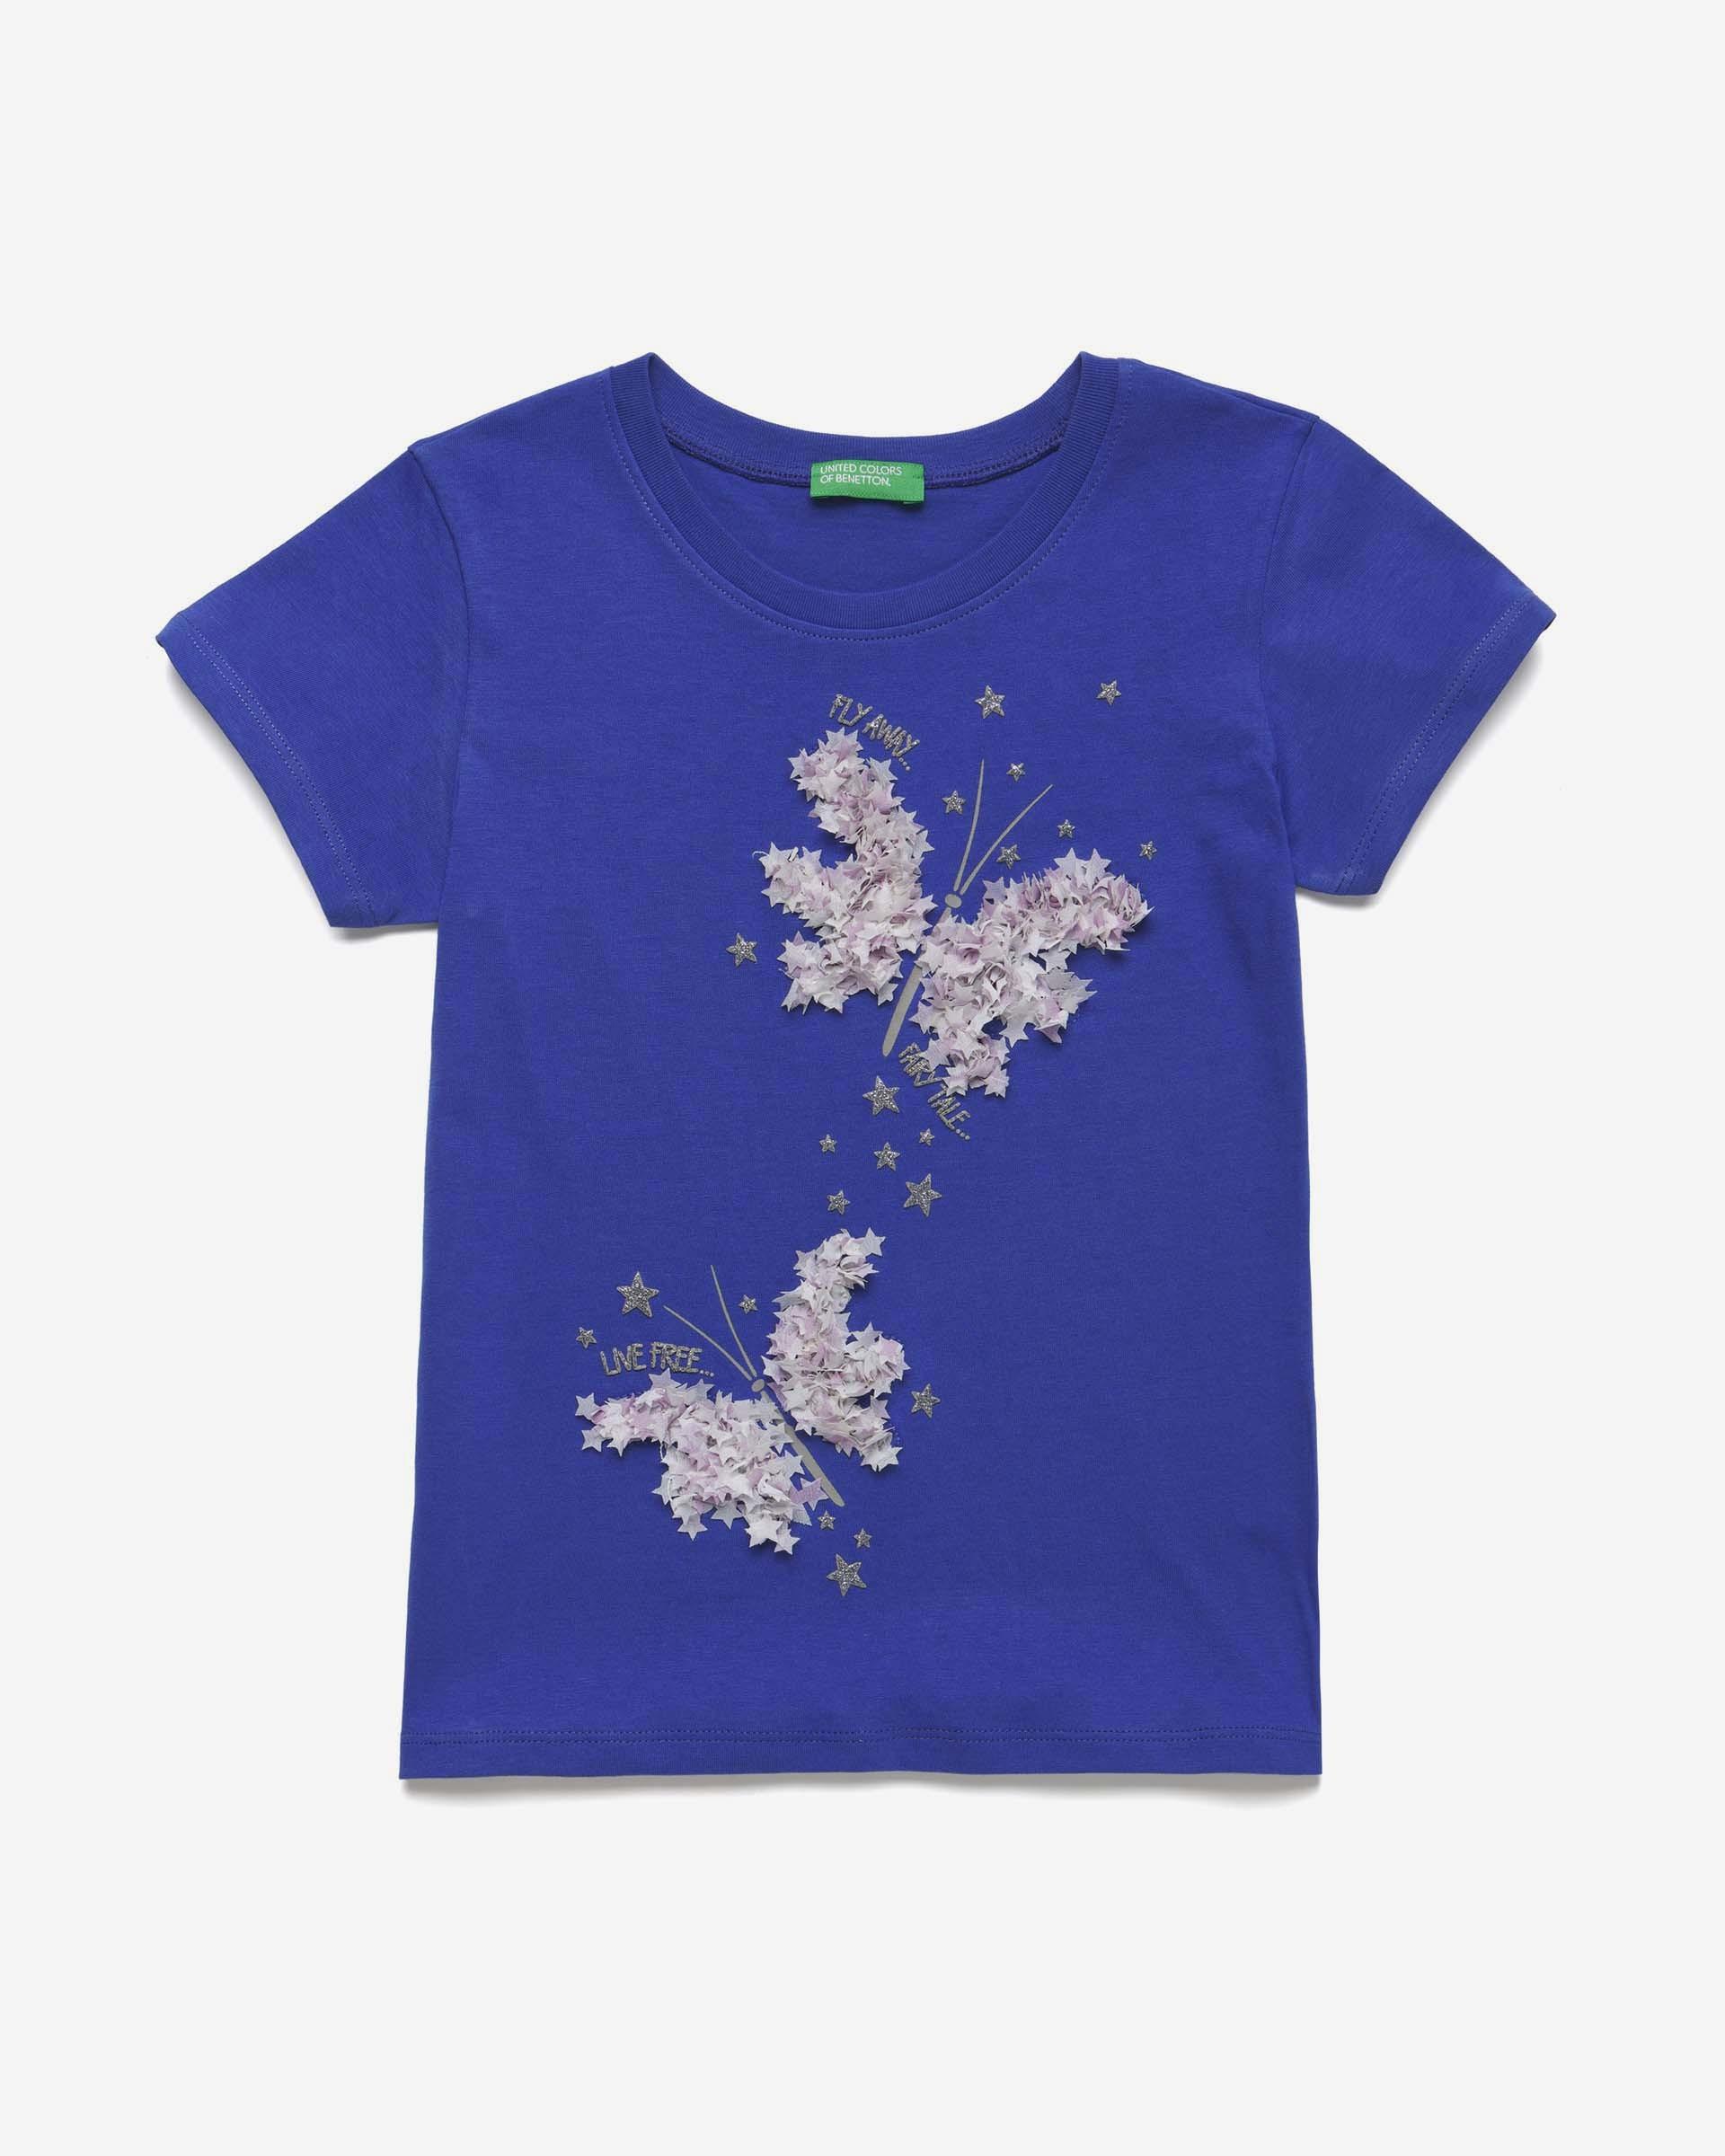 20P_3096C14M5_18Z, Футболка для девочек Benetton 3096C14M5_18Z р-р 80, United Colors of Benetton, Кофточки, футболки для новорожденных  - купить со скидкой